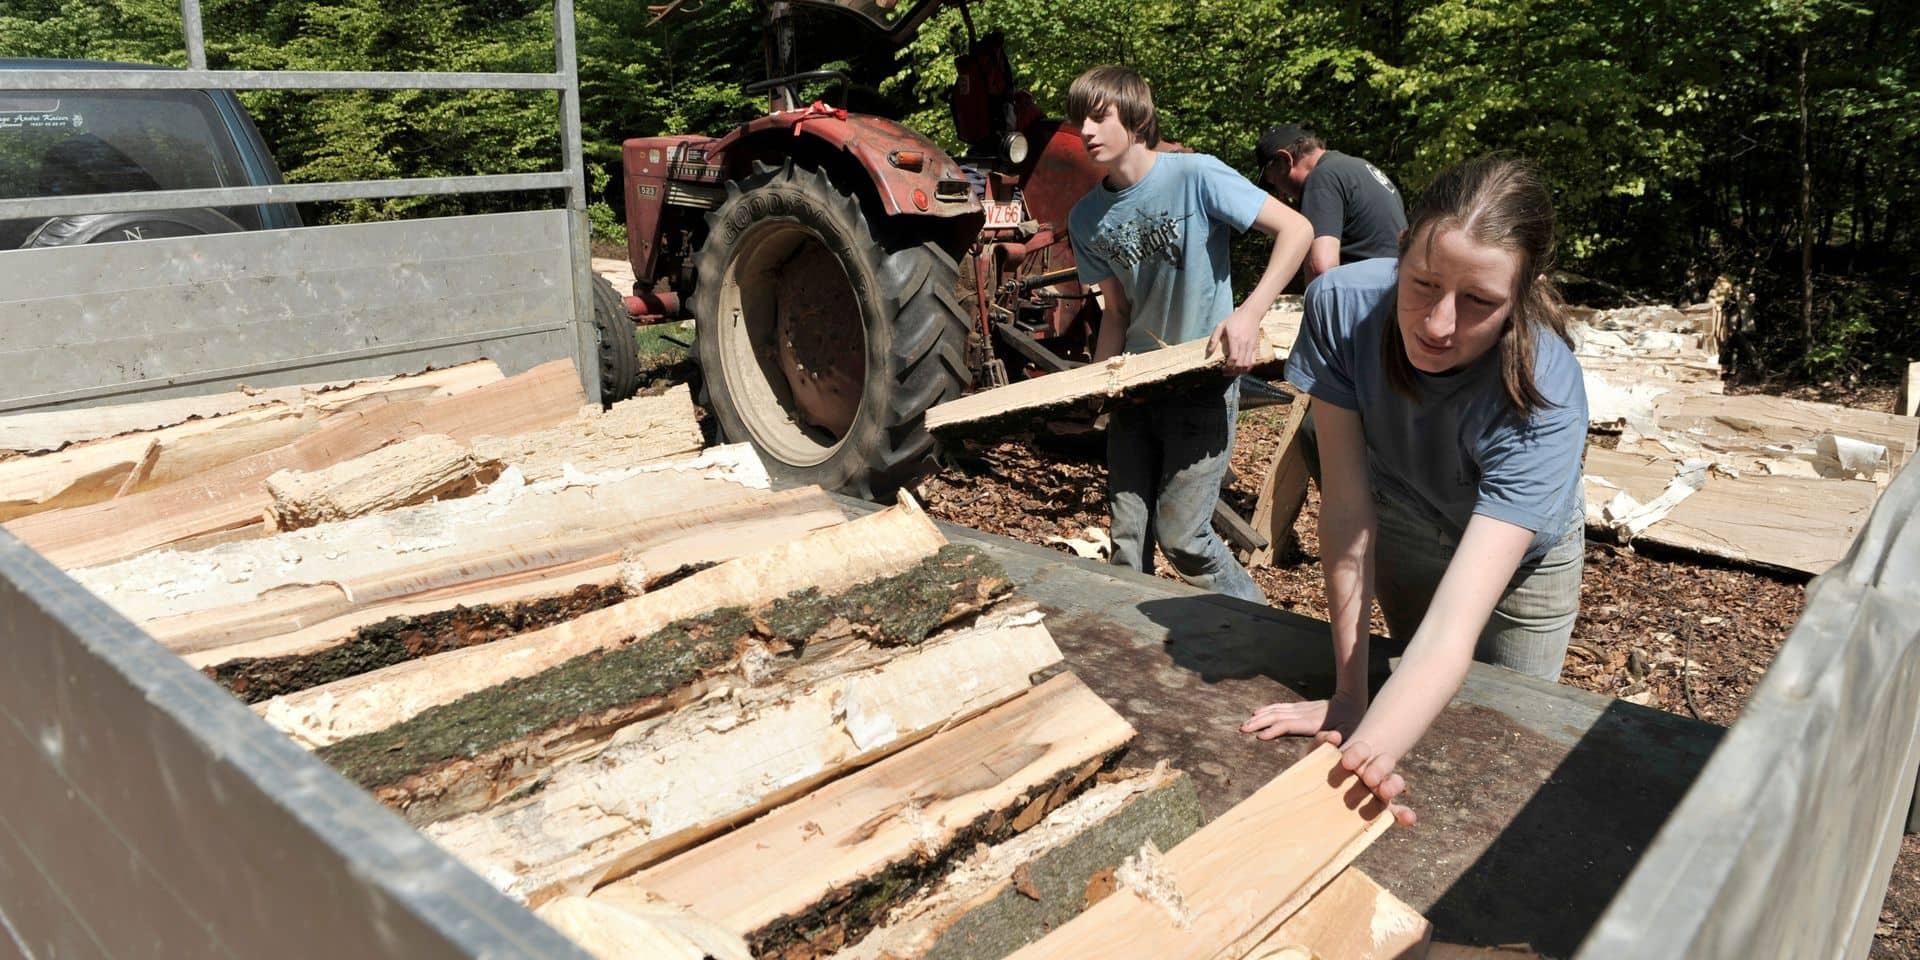 Replanter la forêt wallonne pour la régénérer, mais pas n'importe comment